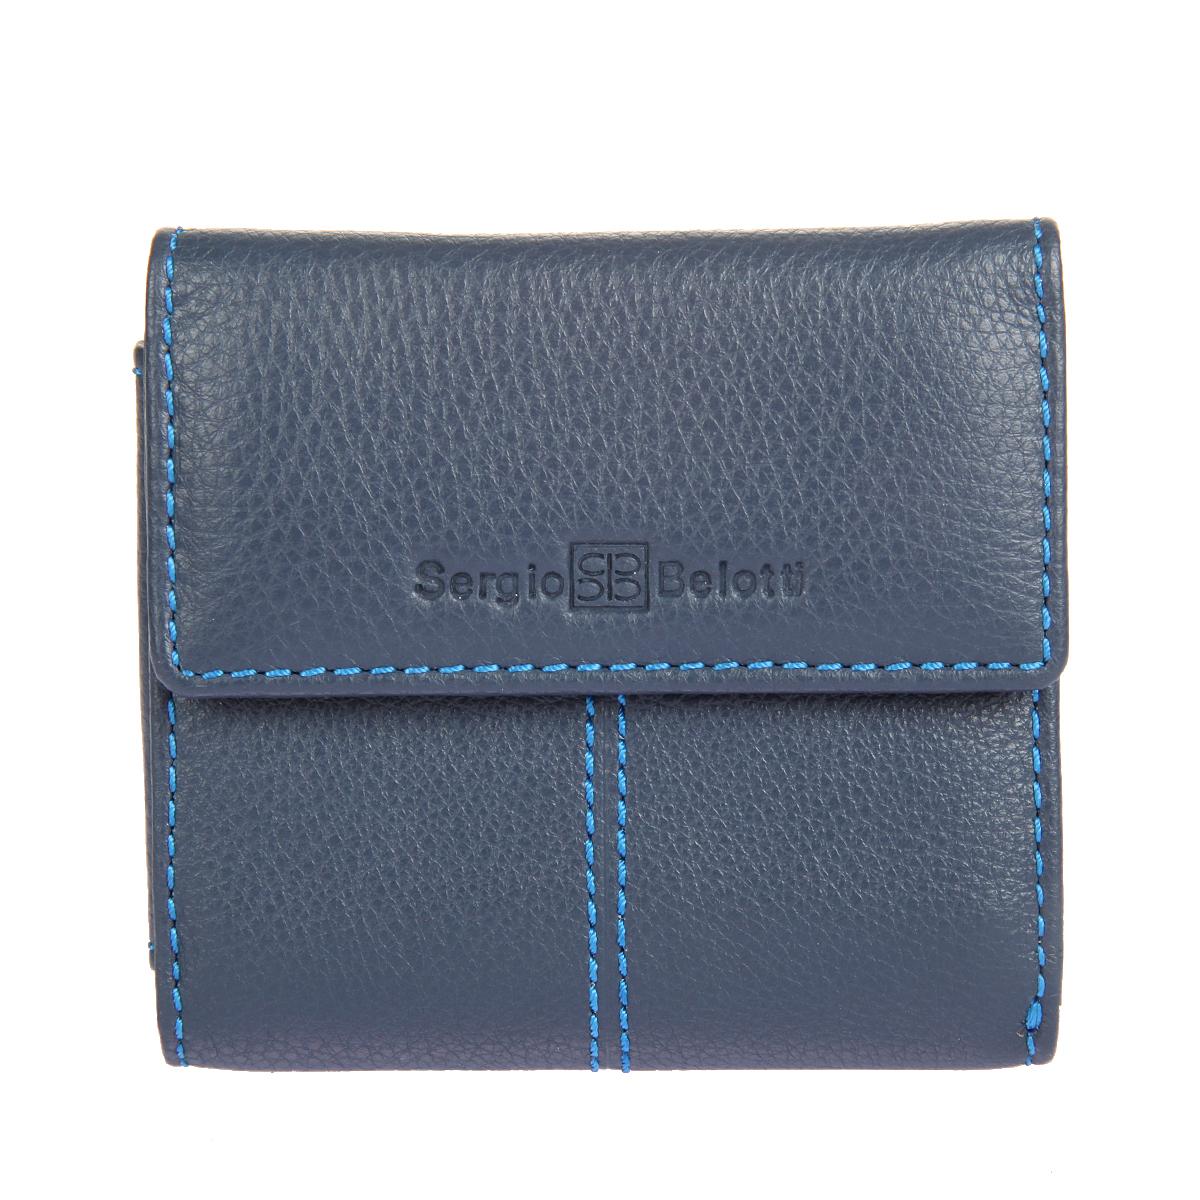 Портмоне мужское Sergio Belotti, цвет: синий. 3410BM8434-58AEМужское портмоне Sergio Belotti выполнено из натуральной кожи с зернистой фактурой и оформлено декоративной прострочкой. Лицевая сторона изделия оформлена тисненными названием и логотипом бренда. Портмоне закрывается клапаном на застежку-кнопку и внутри содержит два потайных кармана, два прорезных кармашка для визиток и пластиковых карт, вместительный карман-уголок для купюр. На тыльной стороне изделия размещен карман для мелочи на застежке-кнопке.Портмоне упаковано в фирменную коробку.Такое портмоне станет отличным подарком для человека, ценящего качественные и практичные вещи.